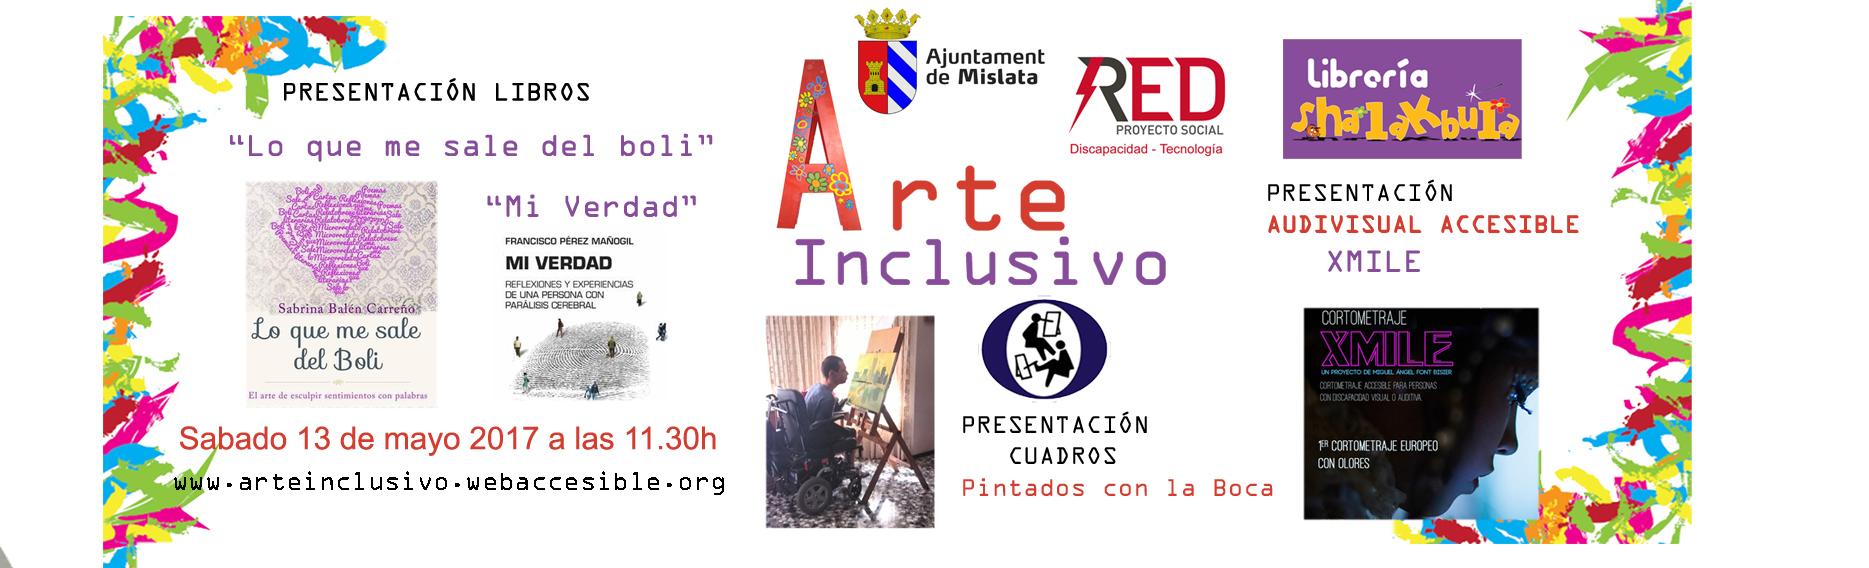 banner evento MISLATA Arte inclusivo